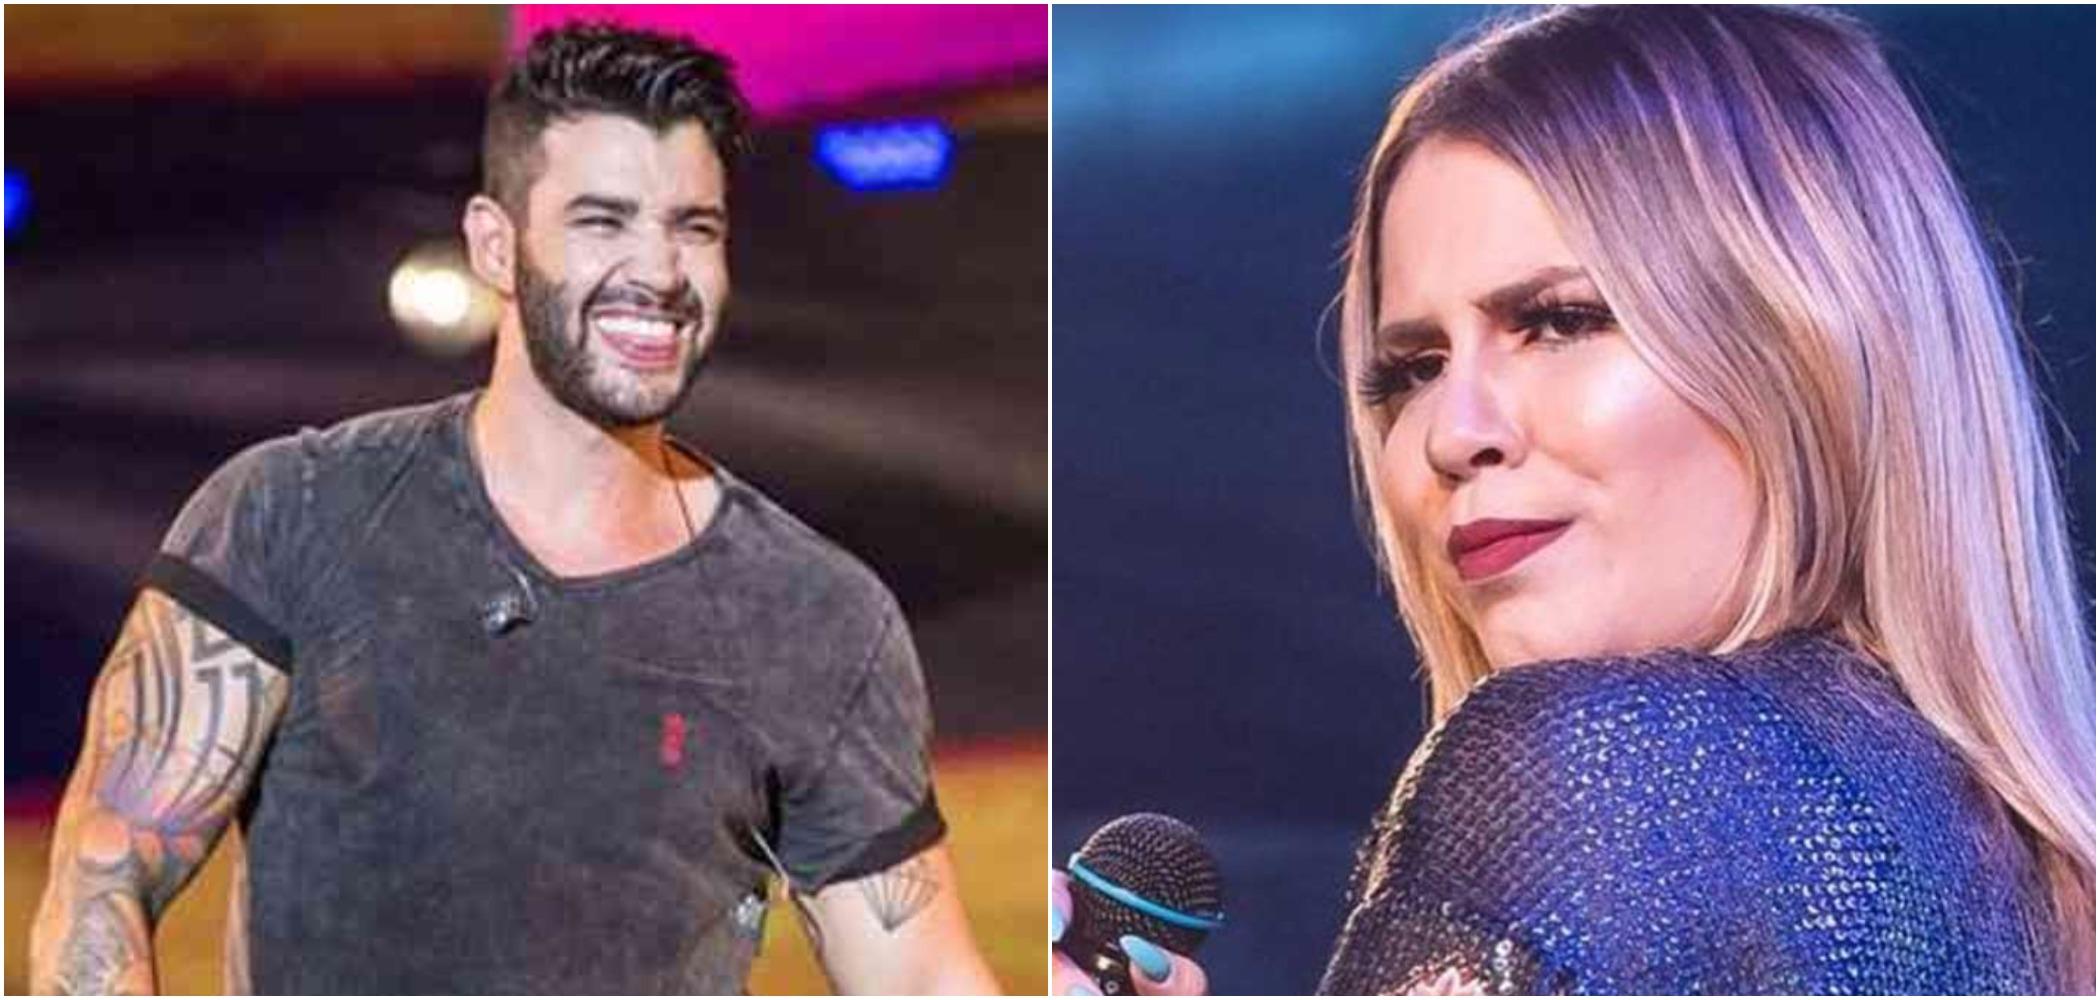 Internautas estão pedindo à Marília Mendonça para uma live similar a de Gusttavo Lima (Reprodução)